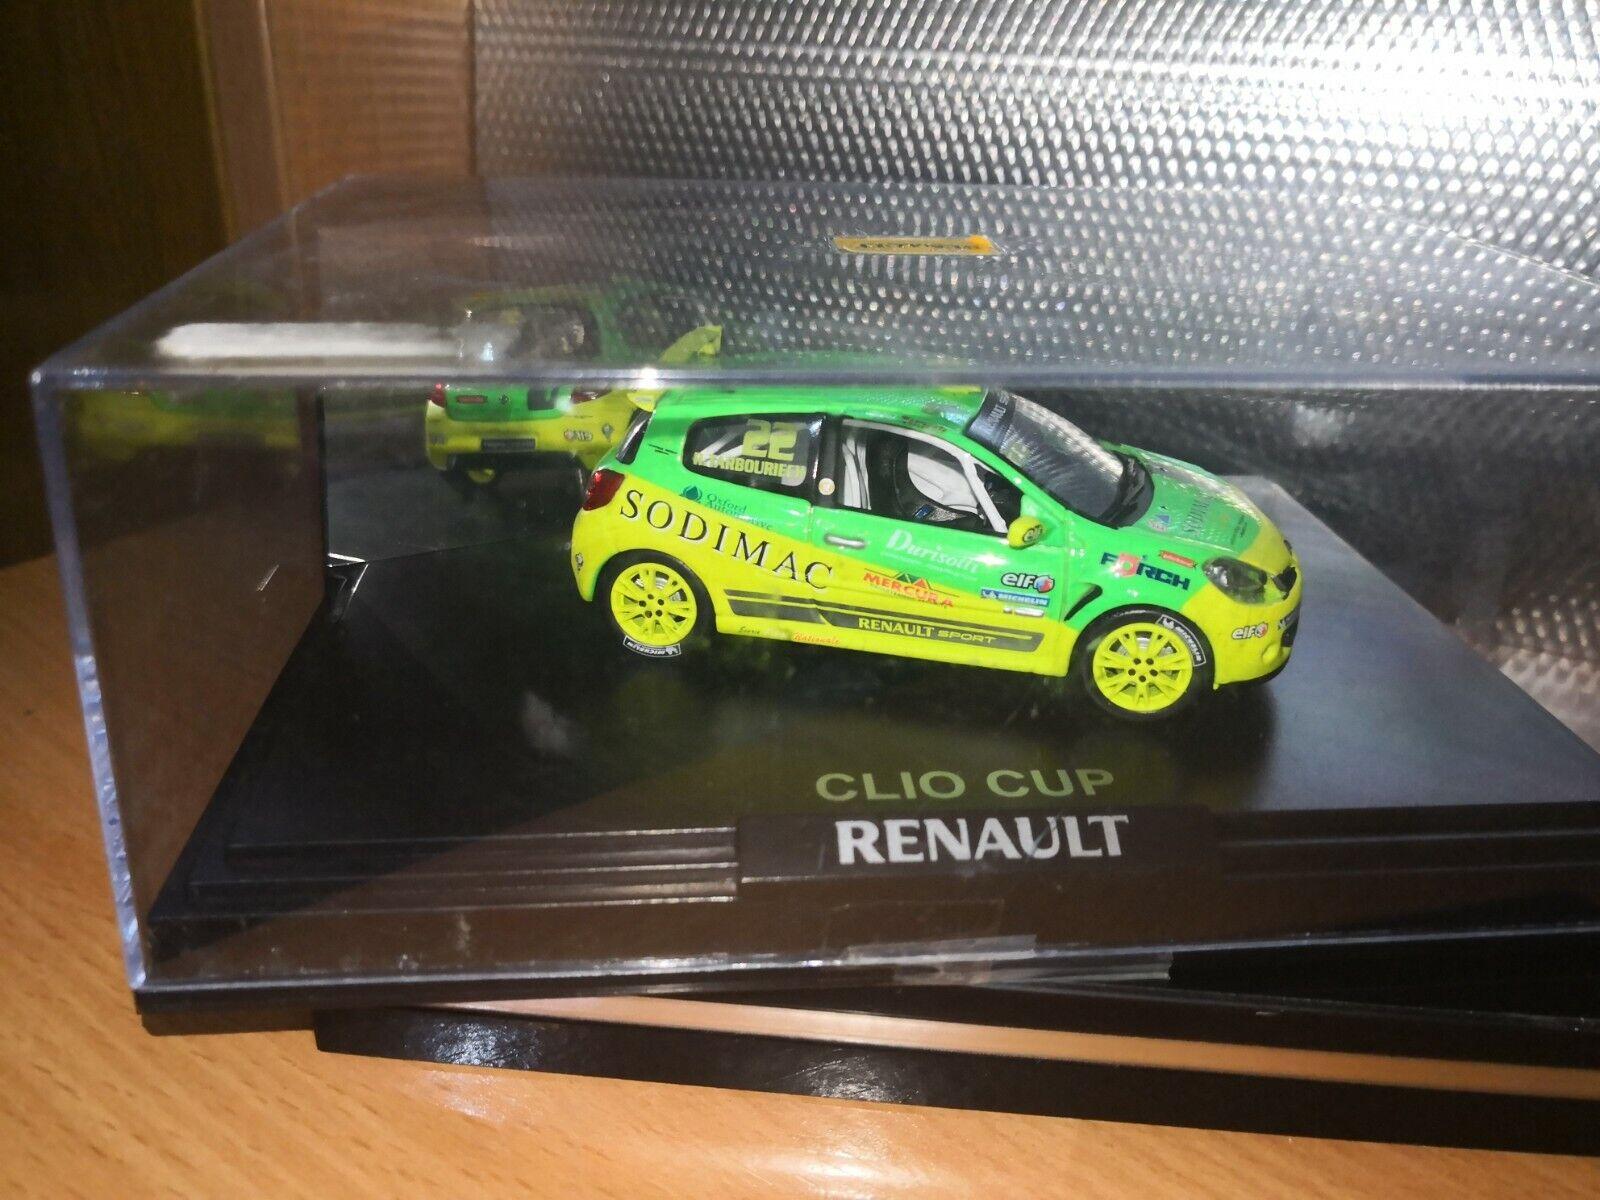 en venta en línea Renault clio cup 2008 17 Asami norev    1 43  nuevo listado